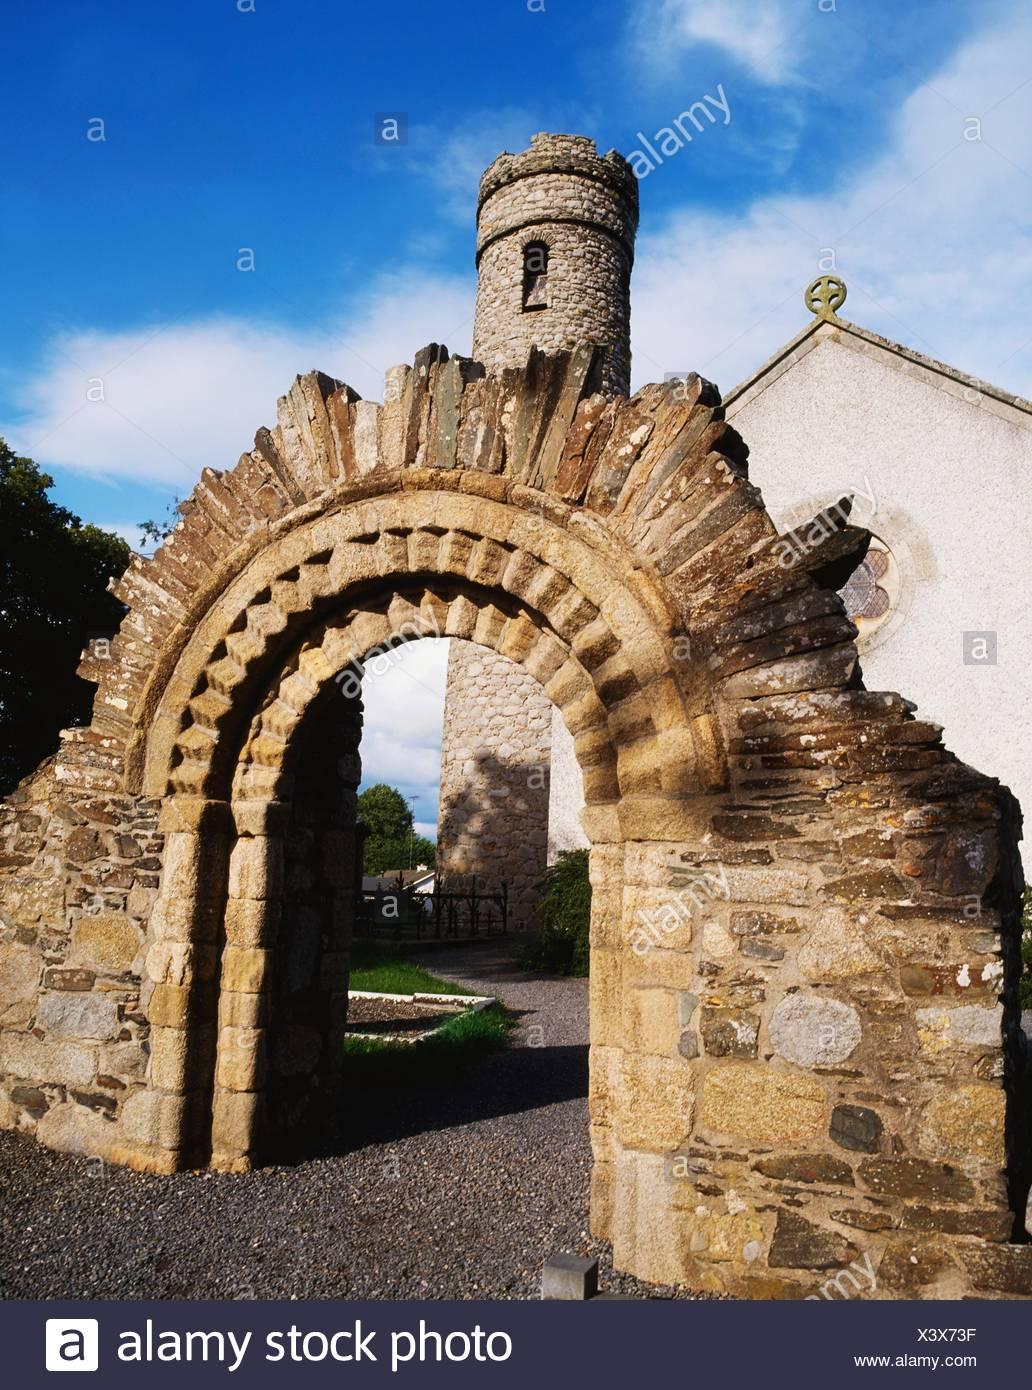 Castledermot, Co Kildare, Ireland; Reconstructed Romanesque Doorway - Stock Image